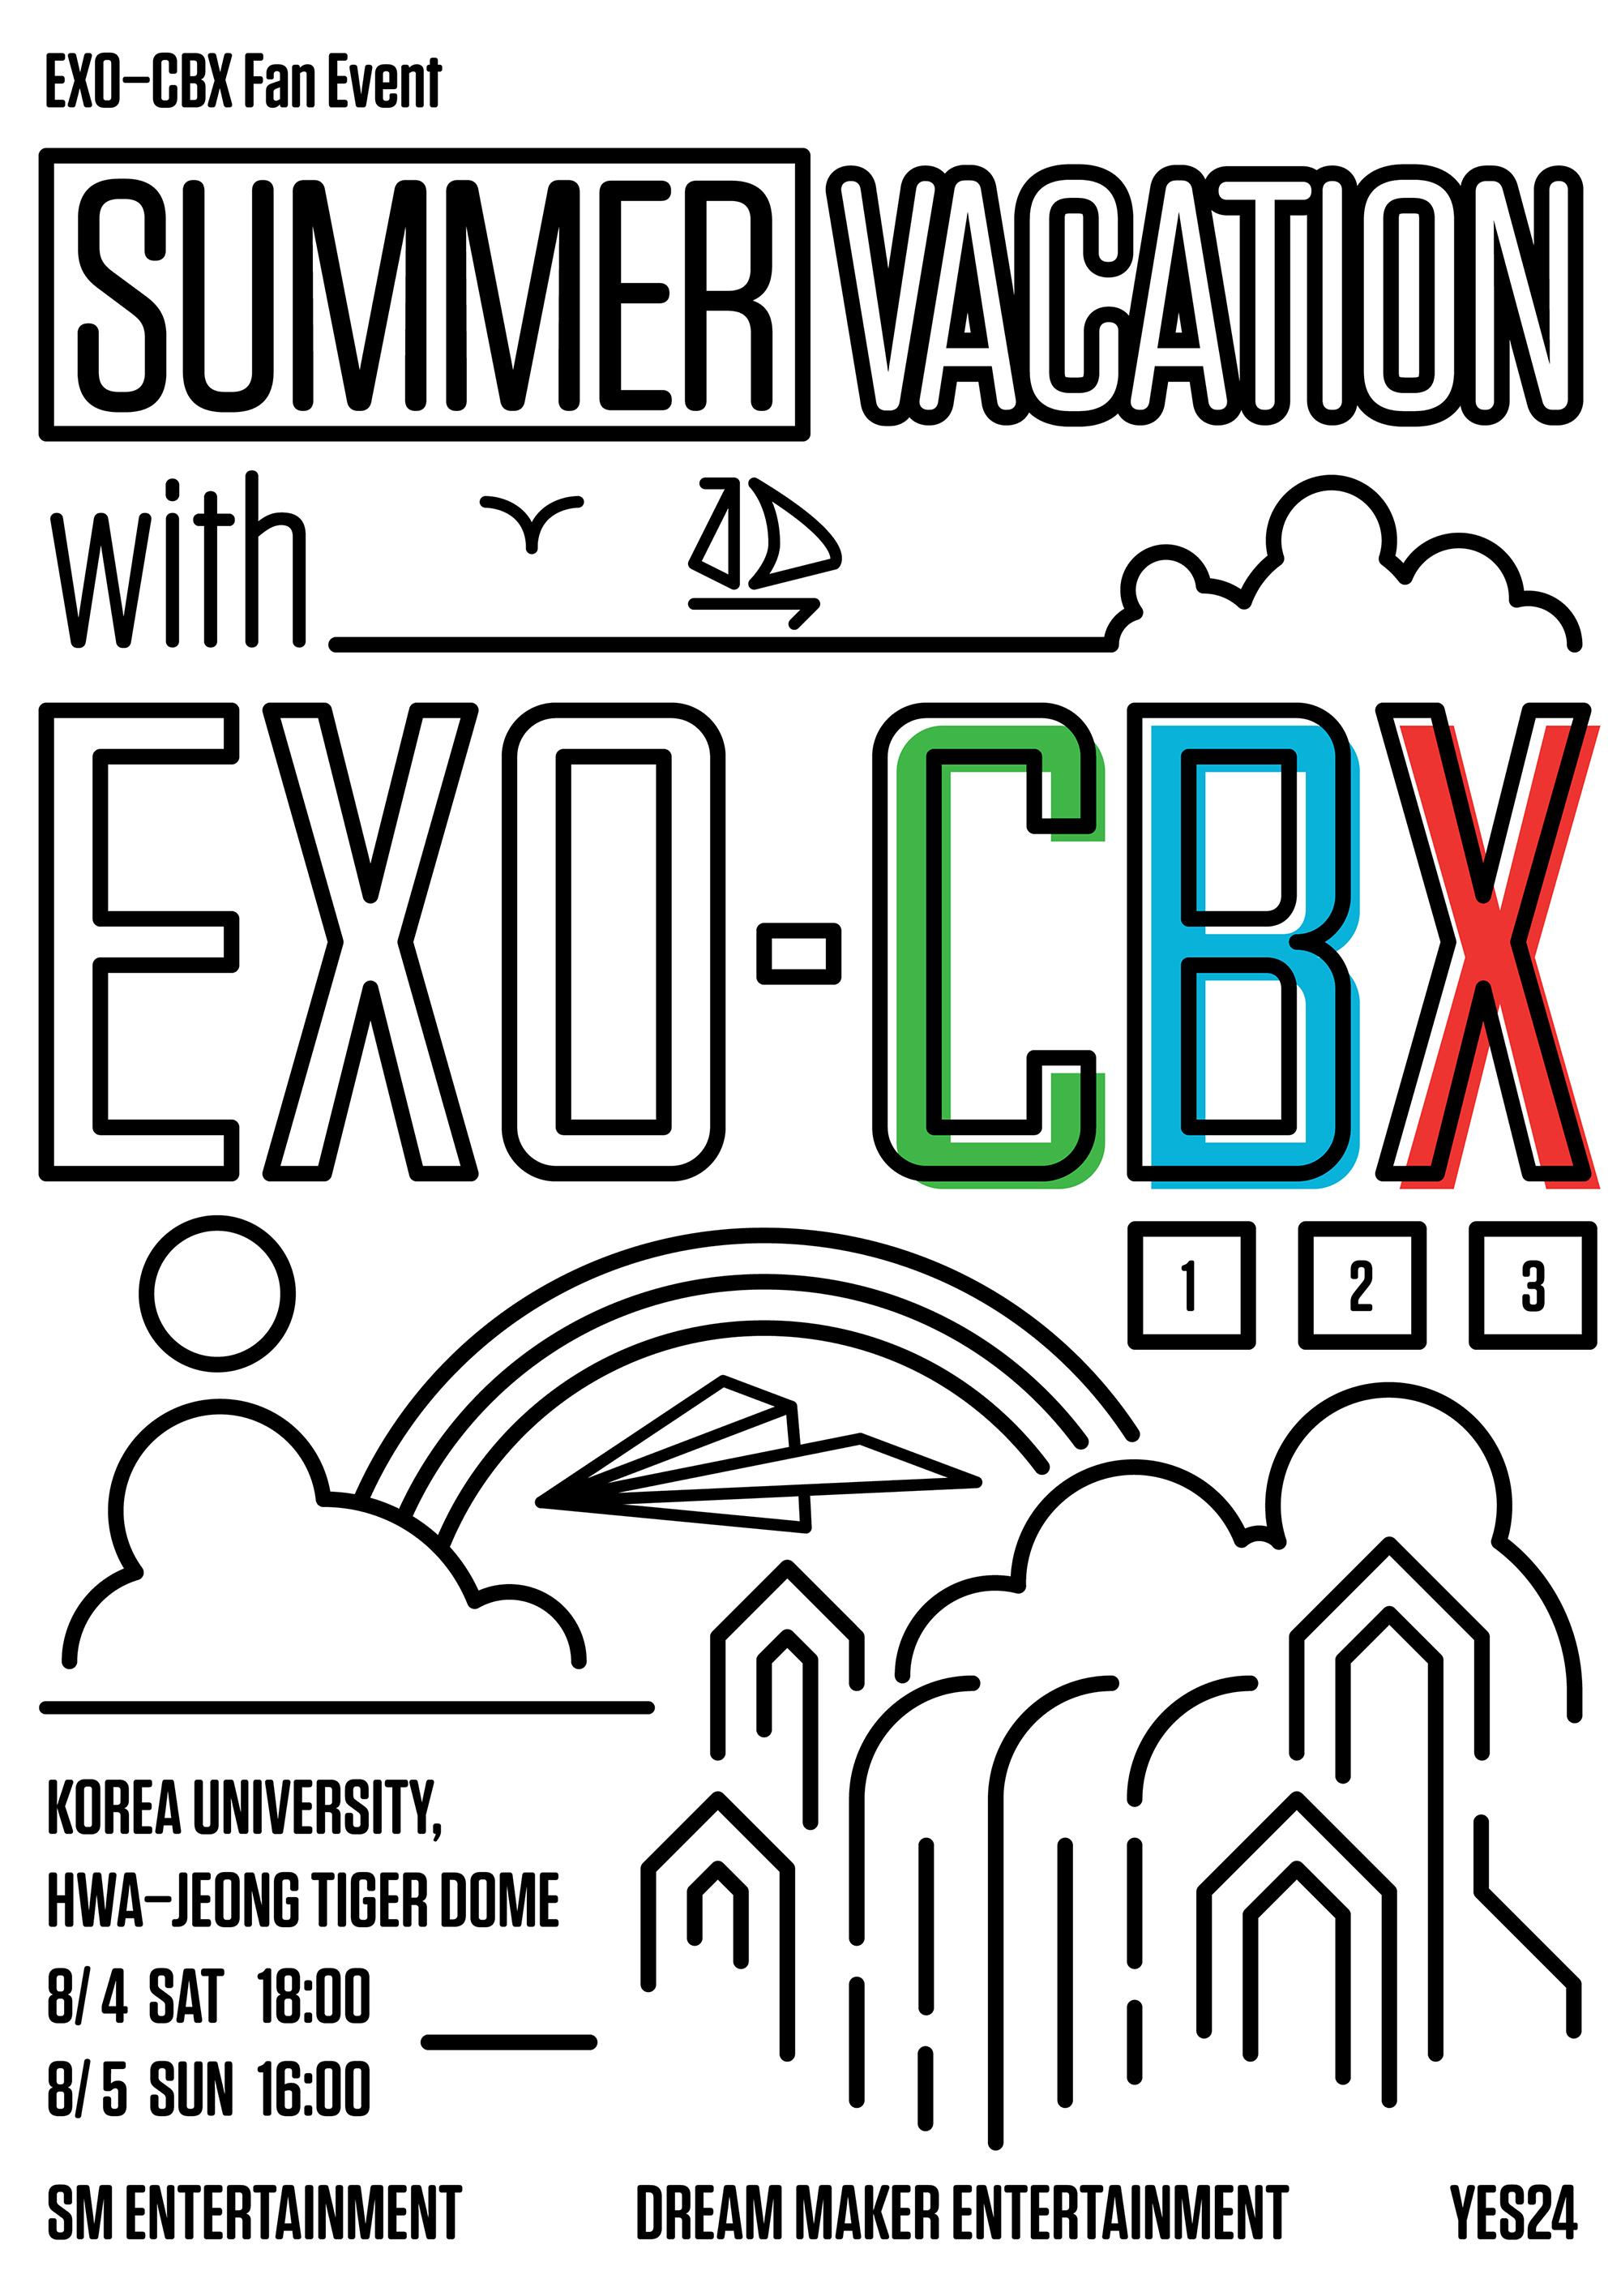 엑소-첸백시, 8월 국내 첫 공식 팬미팅 개최 '신나는 여름 휴가' 콘셉트